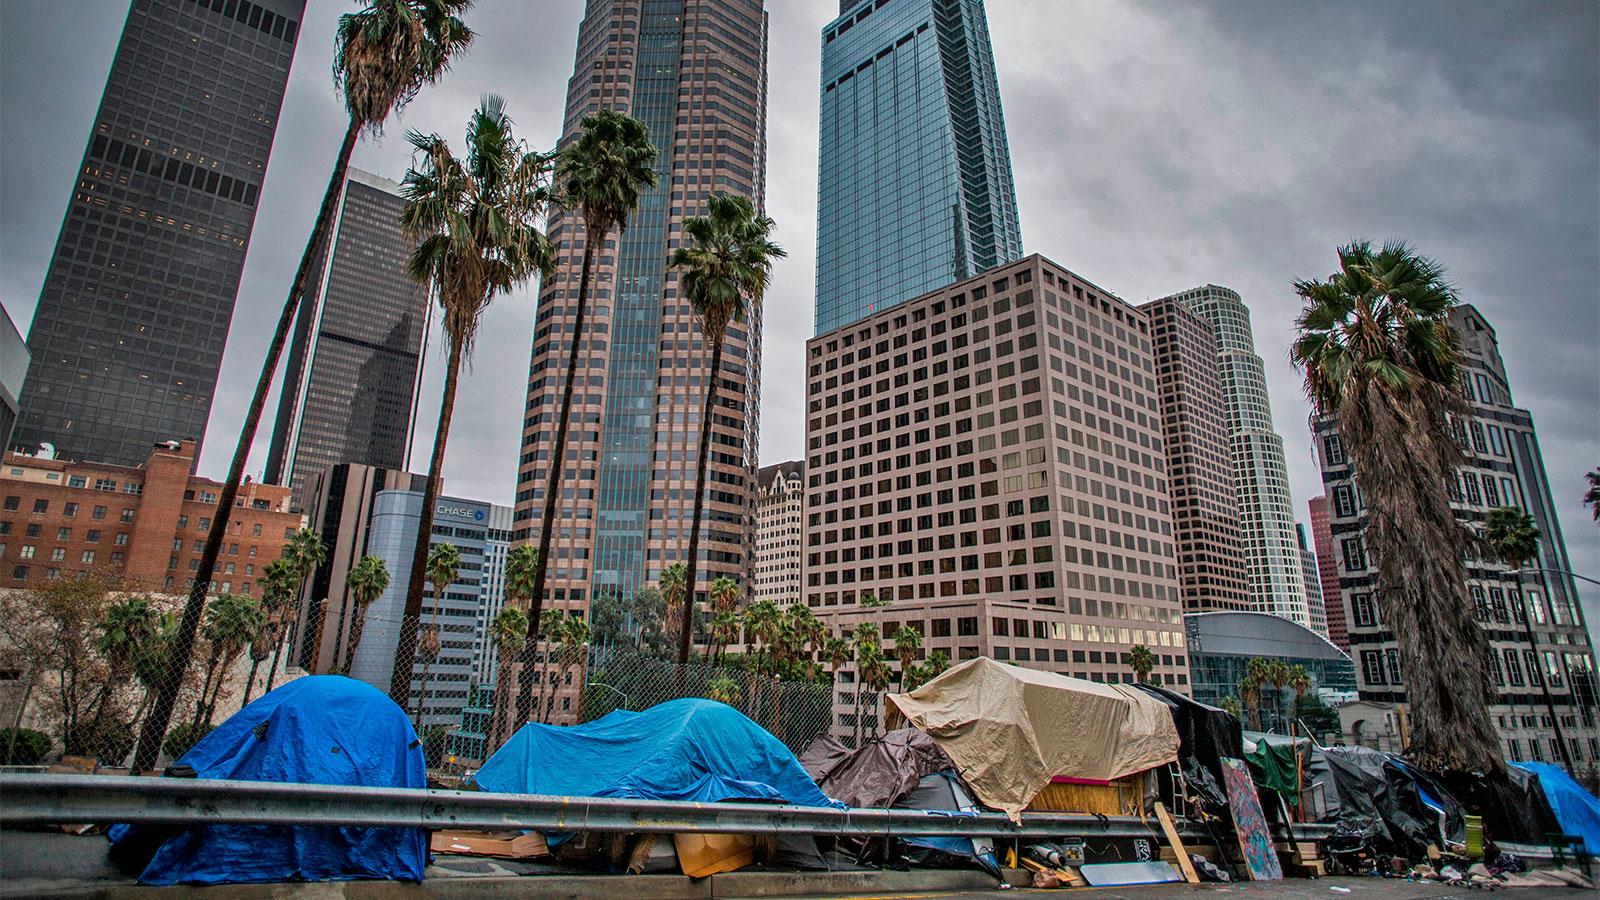 مجموعه ای از چادرها برای افراد بی خانمان در مقابل یک ساختمان بلند در مرکز شهر لس آنجلس.